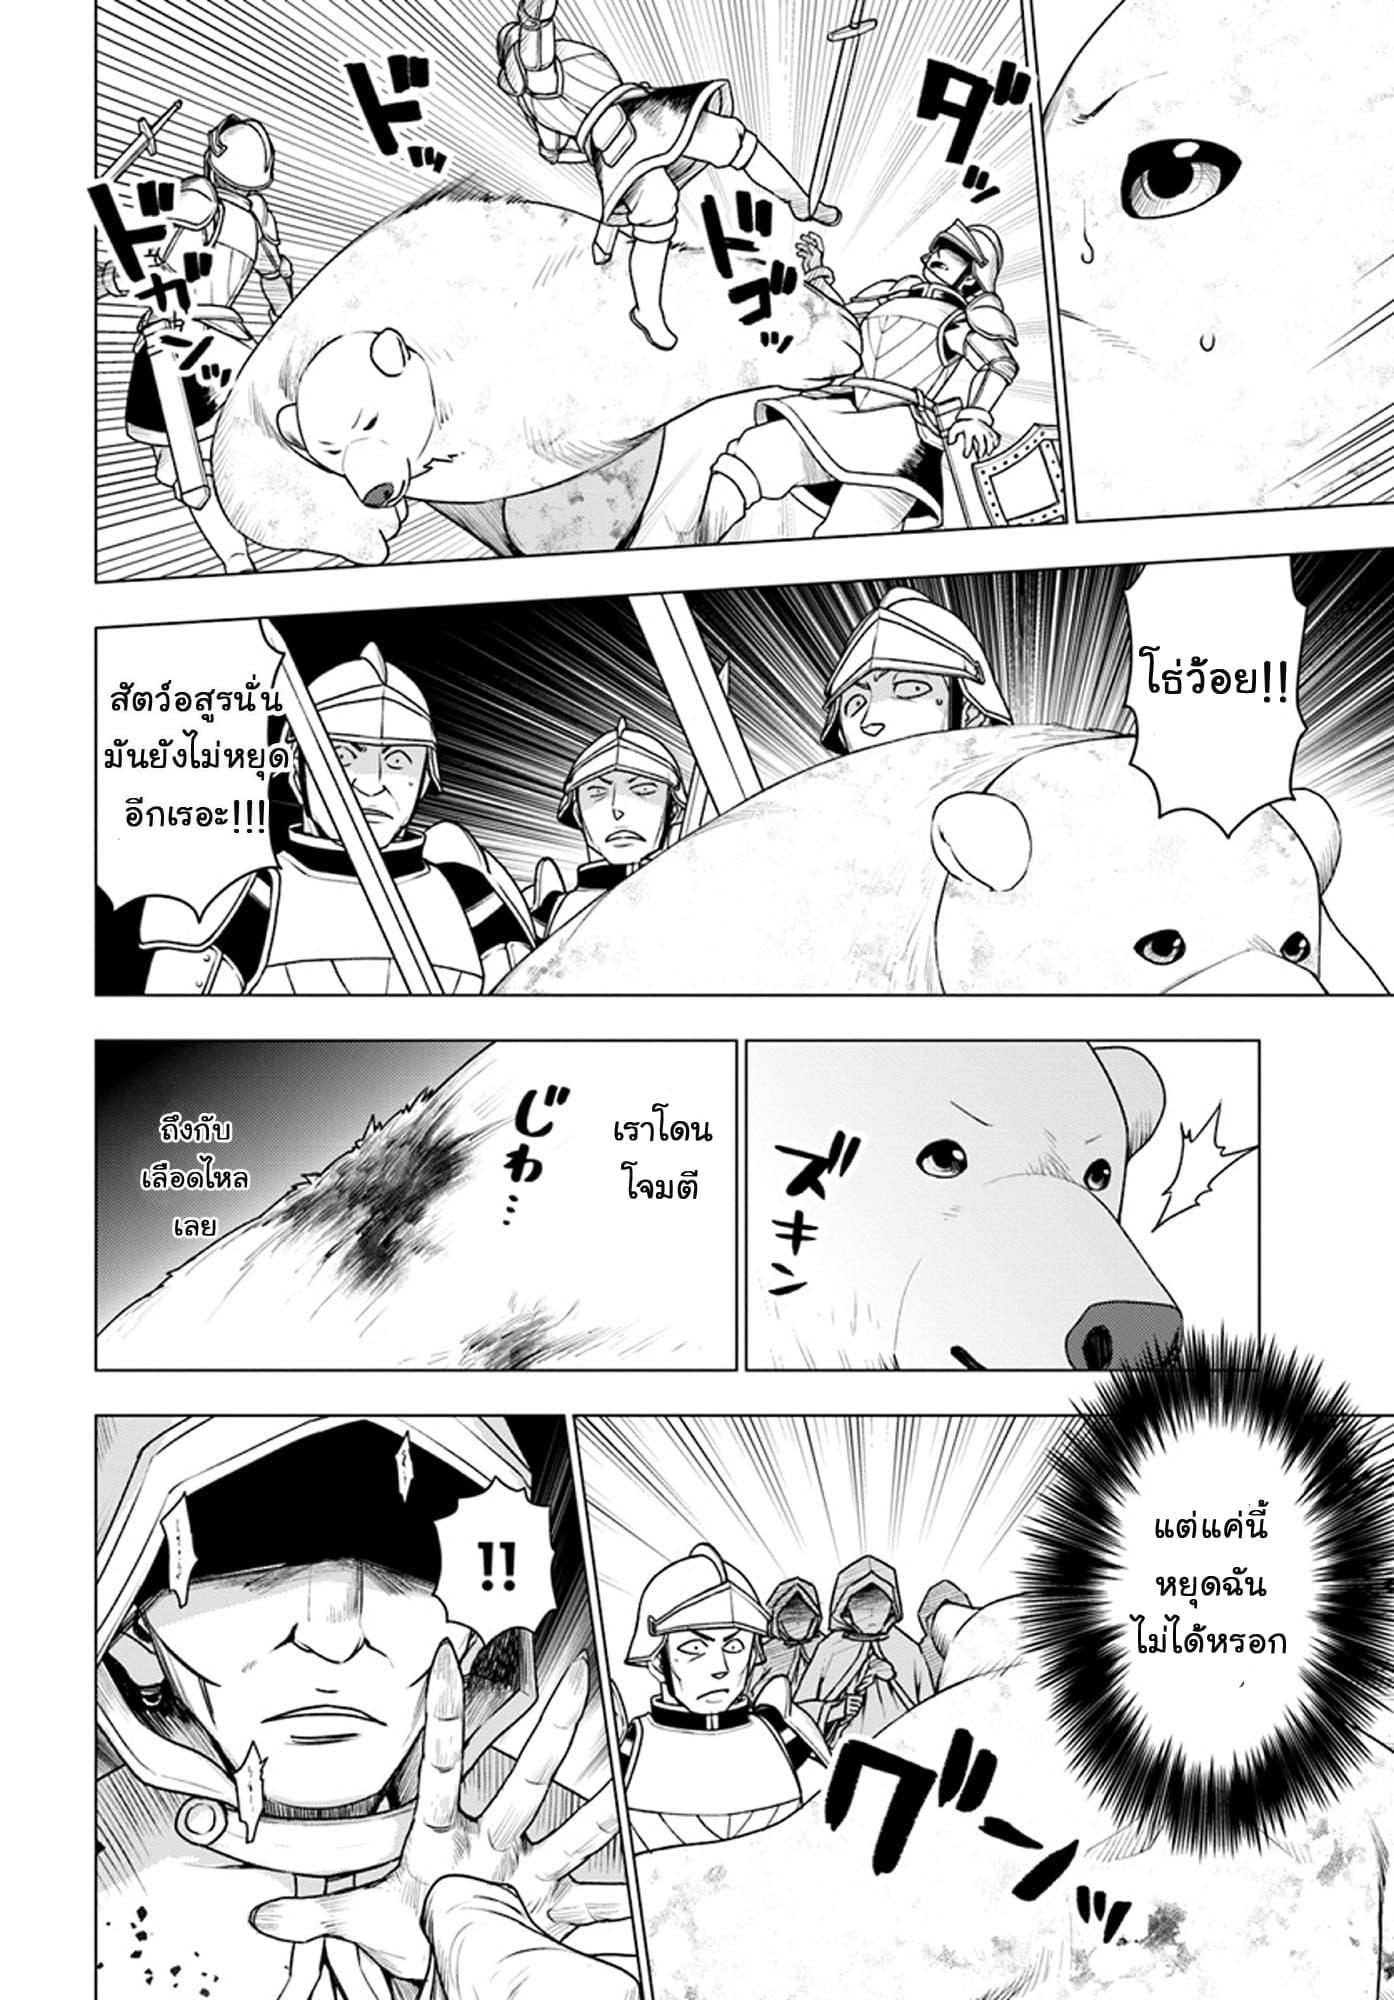 อ่านการ์ตูน Shirokuma Tensei ตอนที่ 11 หน้าที่ 22